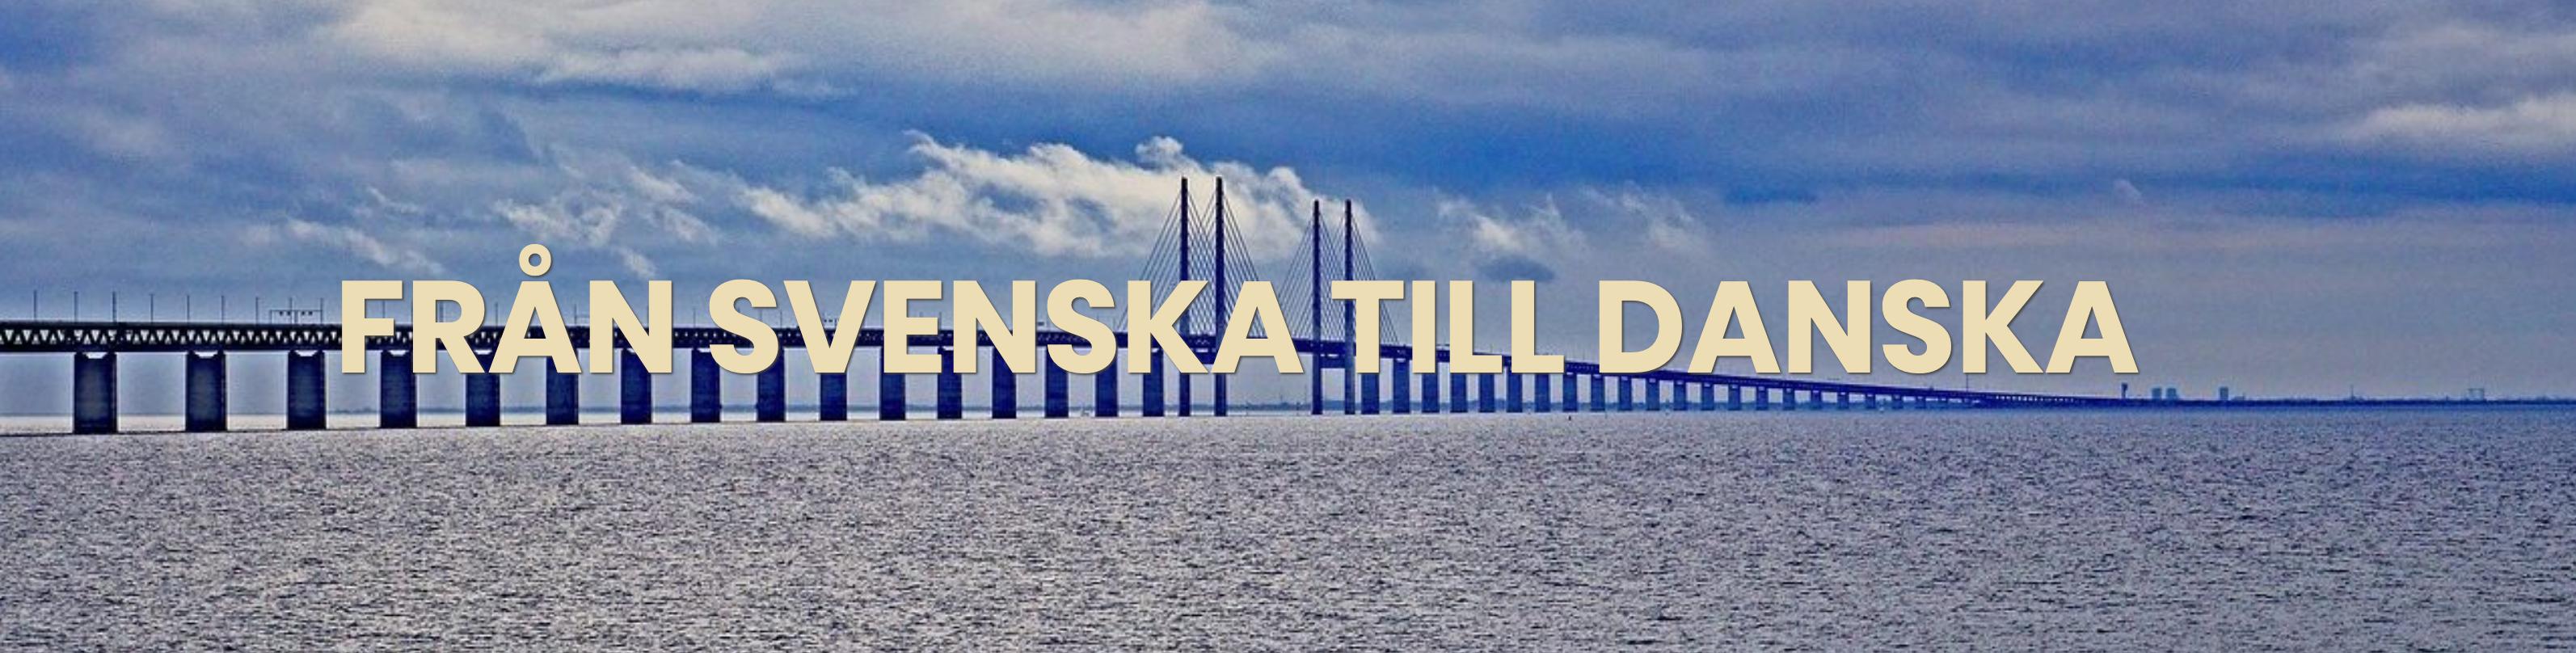 Oversaettelse Fra Svensk Til Dansk